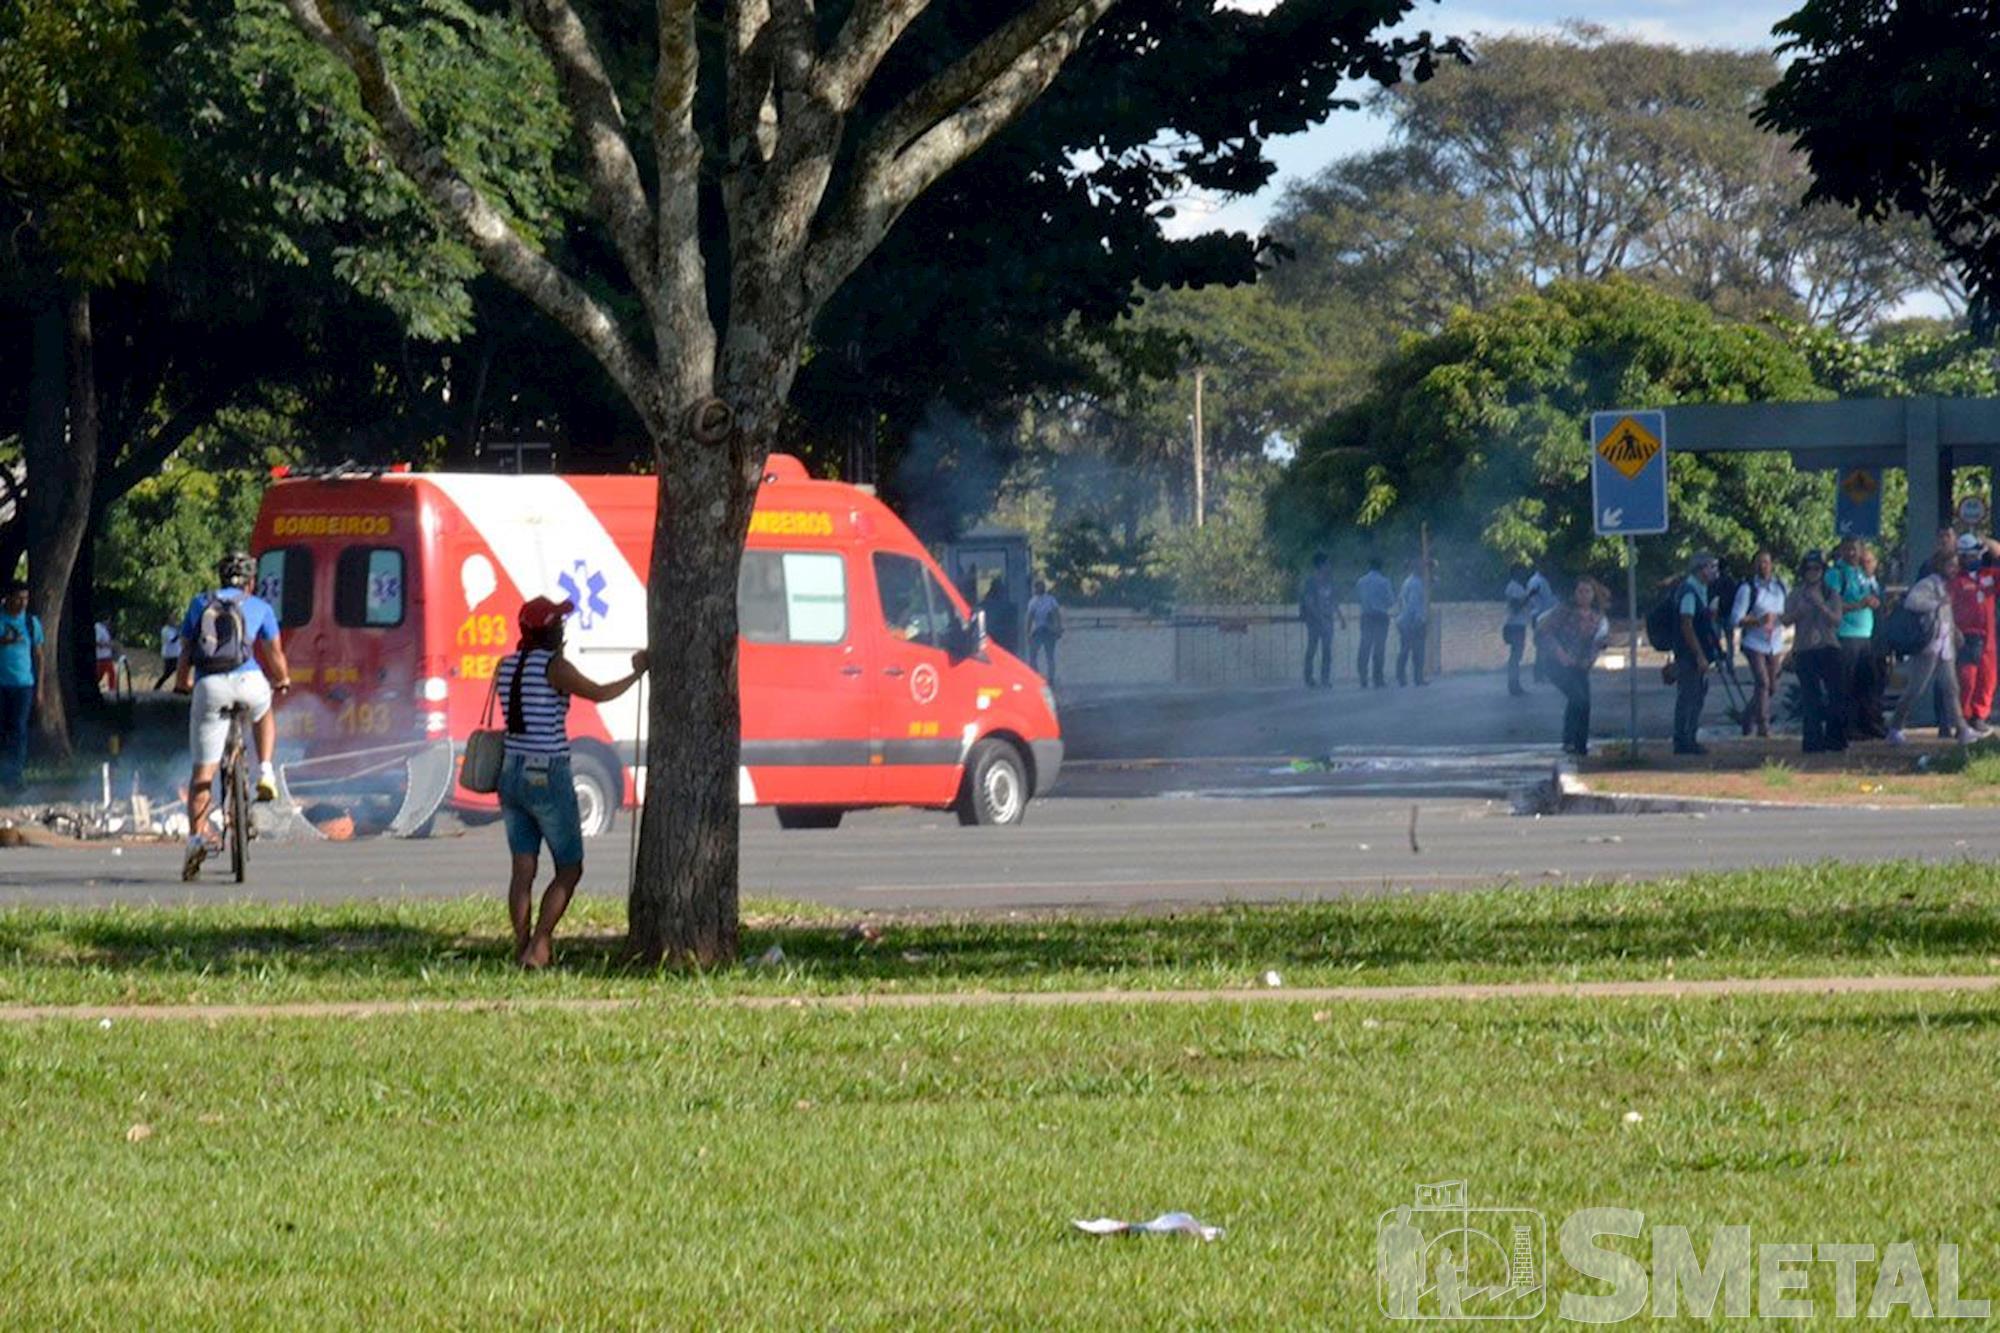 #OcupaBrasília, brasília, manifestação, reforma, repressão, policia, Foguinho/Paulo Rogério/Daniela Gaspari